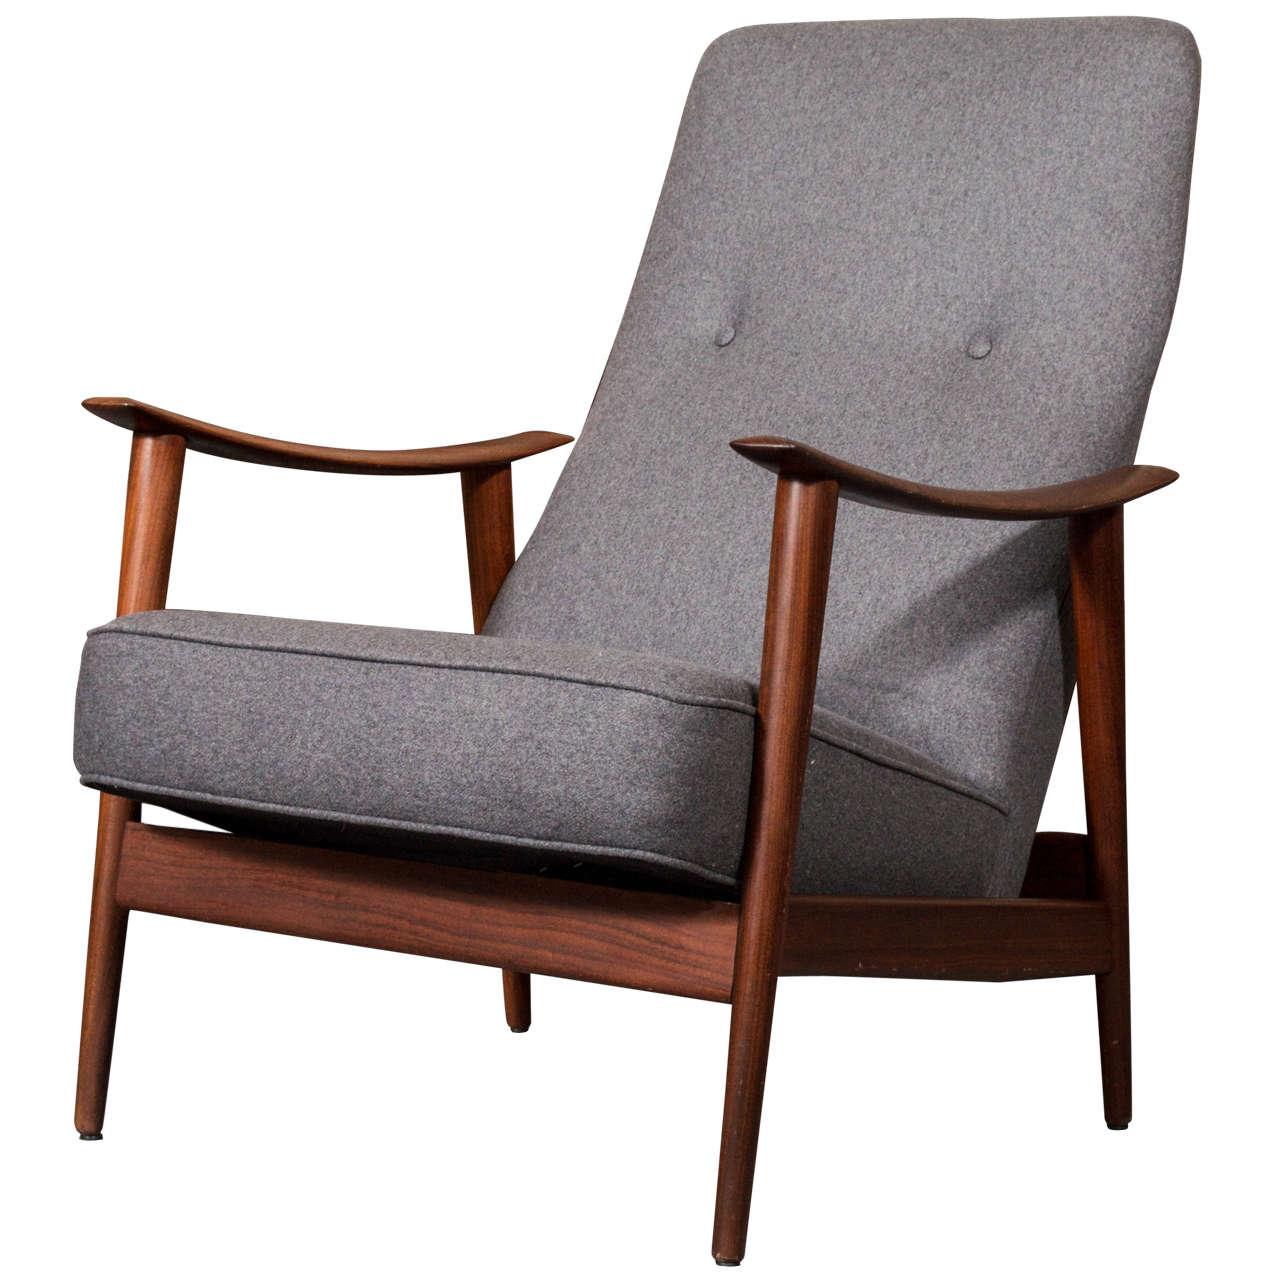 1960u0027s Scandinavian Teak Rocking Lounge Chair In Gray Wool At 1stdibs